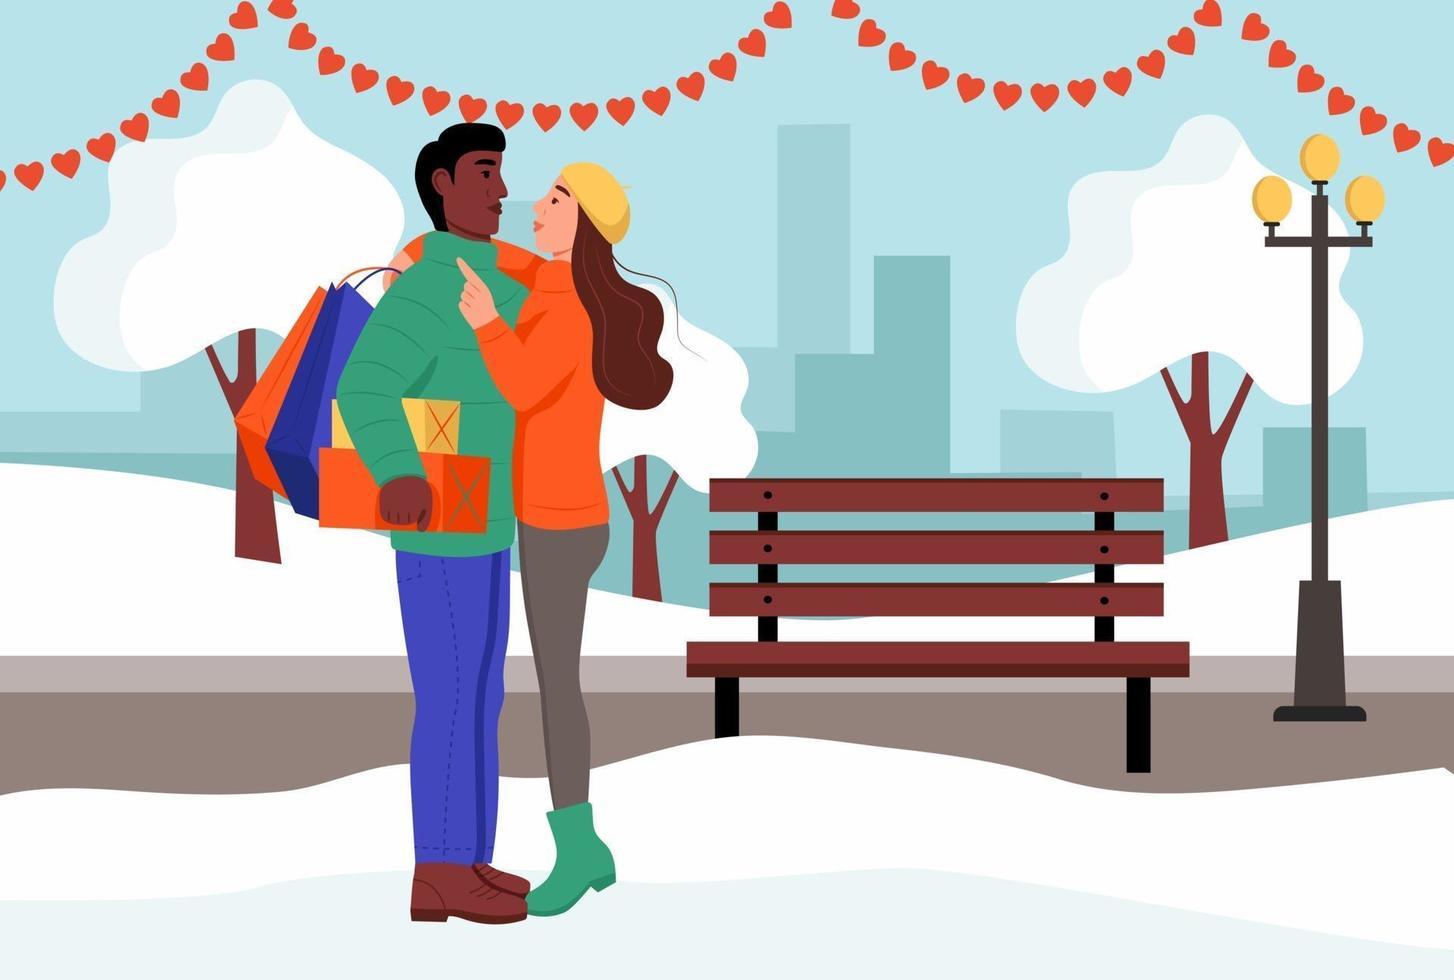 ett kärleksfullt par kramar i en park på alla hjärtans dag. ung man och kvinna med gåvor och paket från butiken. platt vektorillustration. vektor